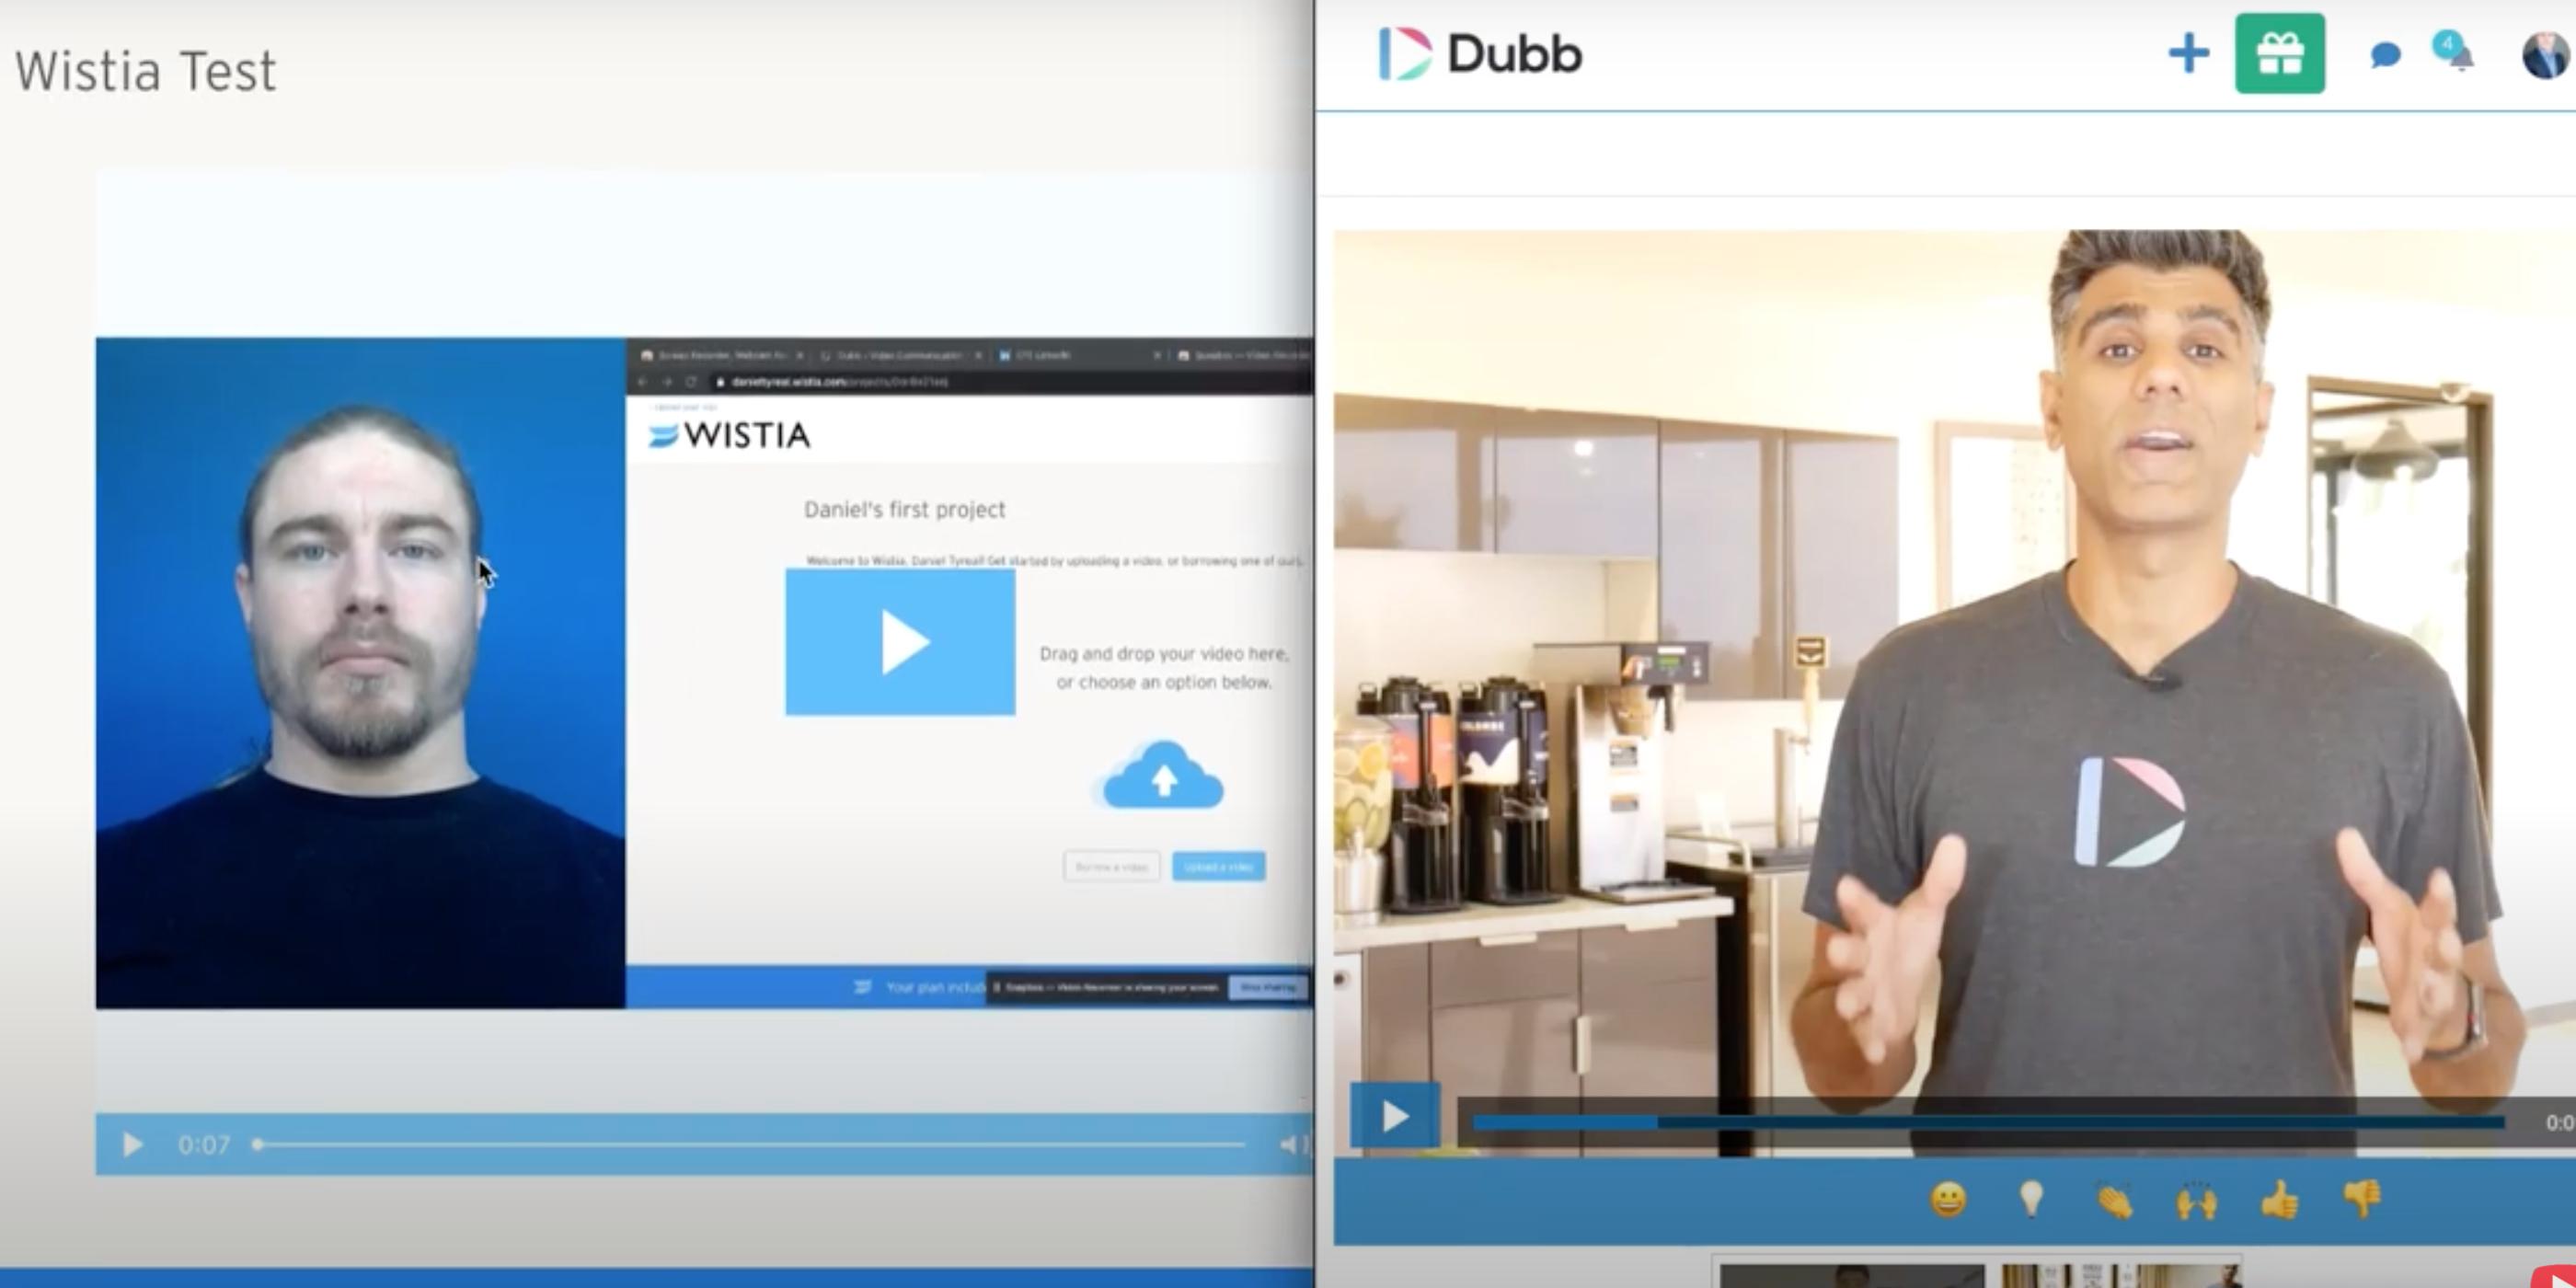 Wistia compared to Dubb